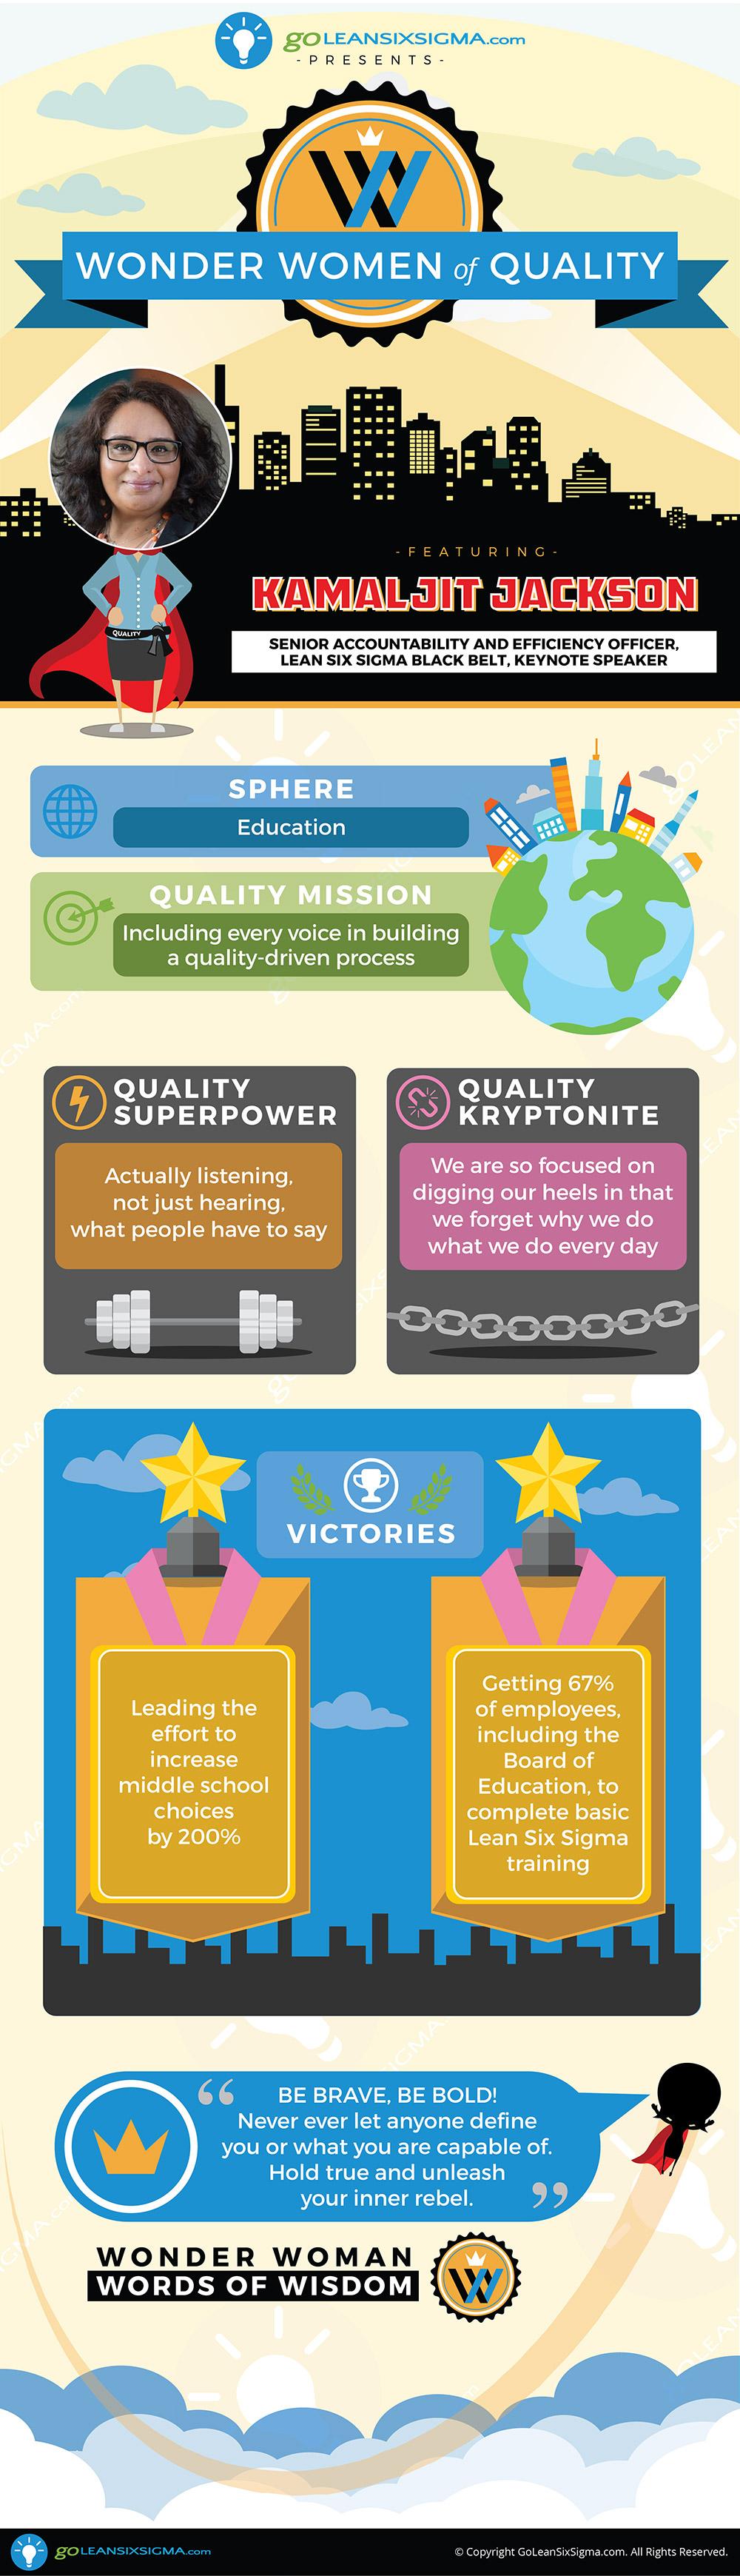 Wonder Women of Quality: Kamaljit Jackson - GoLeanSixSigma.com